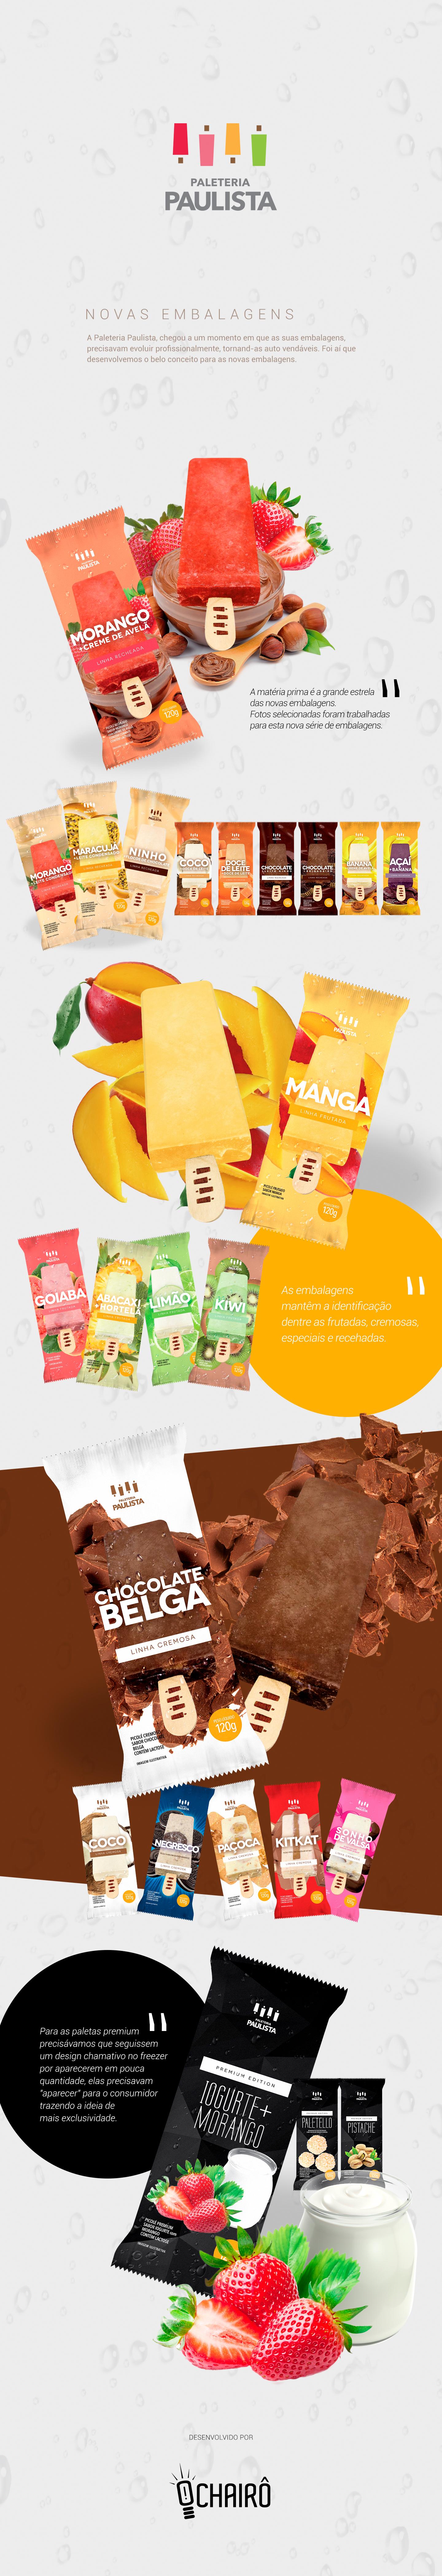 9 paleteria paulista novas embalagens